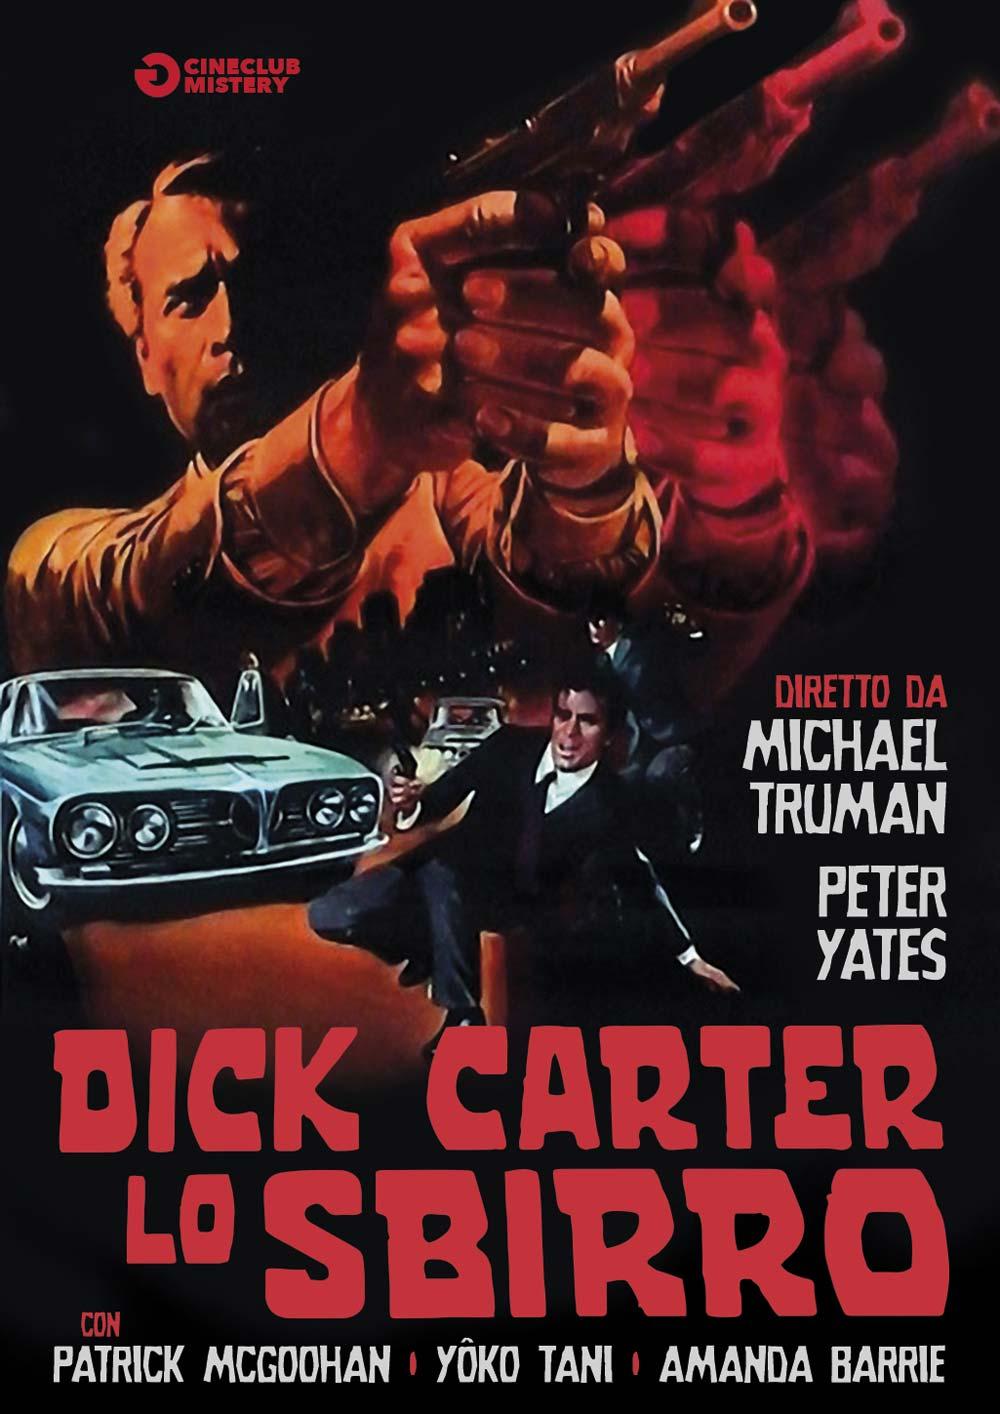 DICK CARTER LO SBIRRO (DVD)